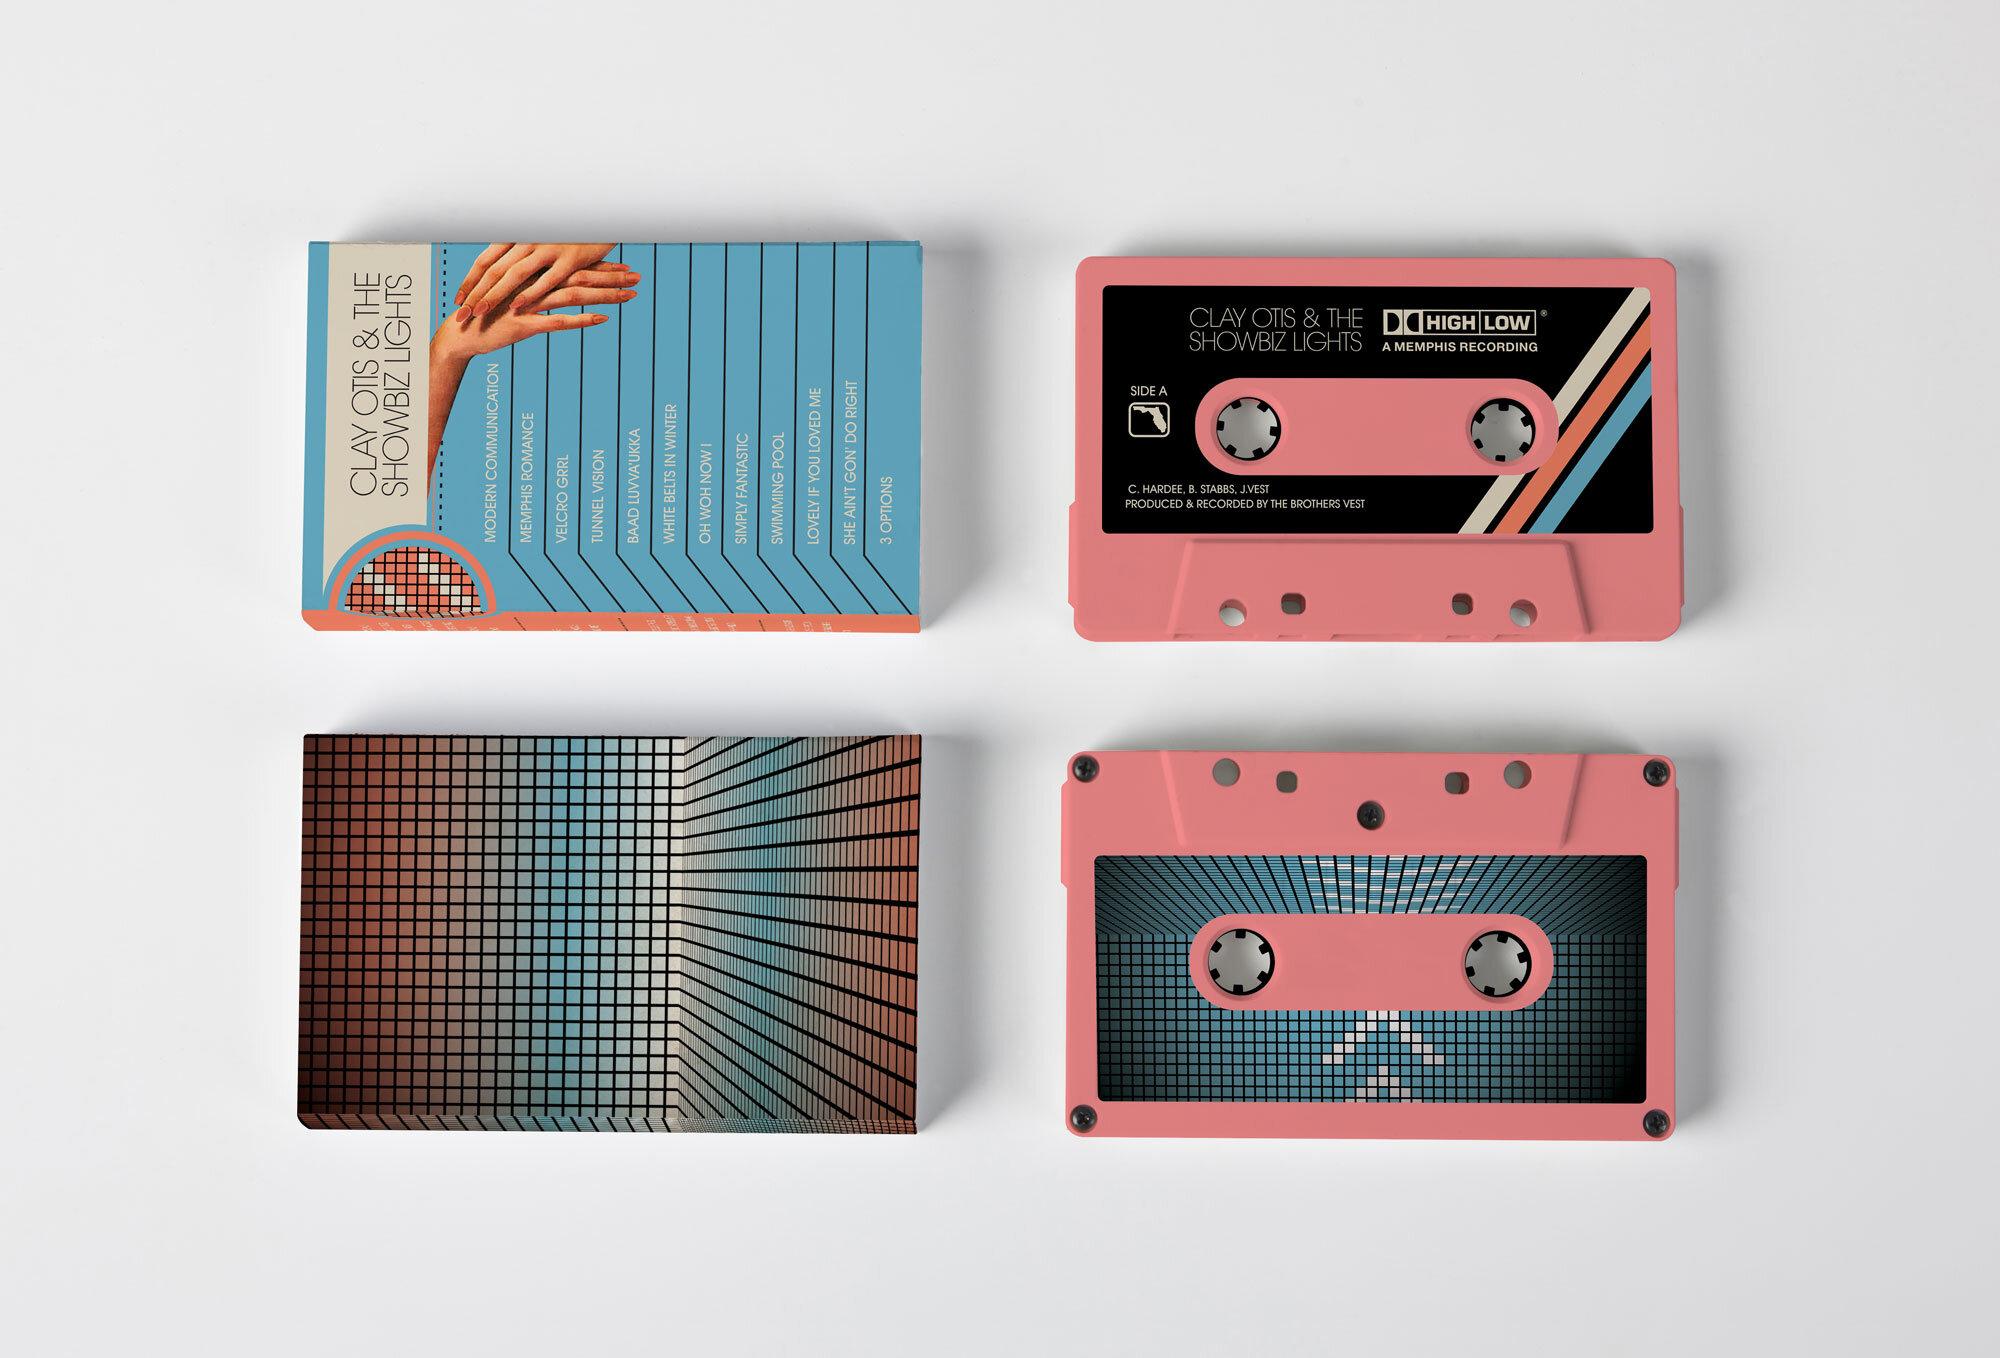 ShowbizLights-Cassette-FullMockup.jpg